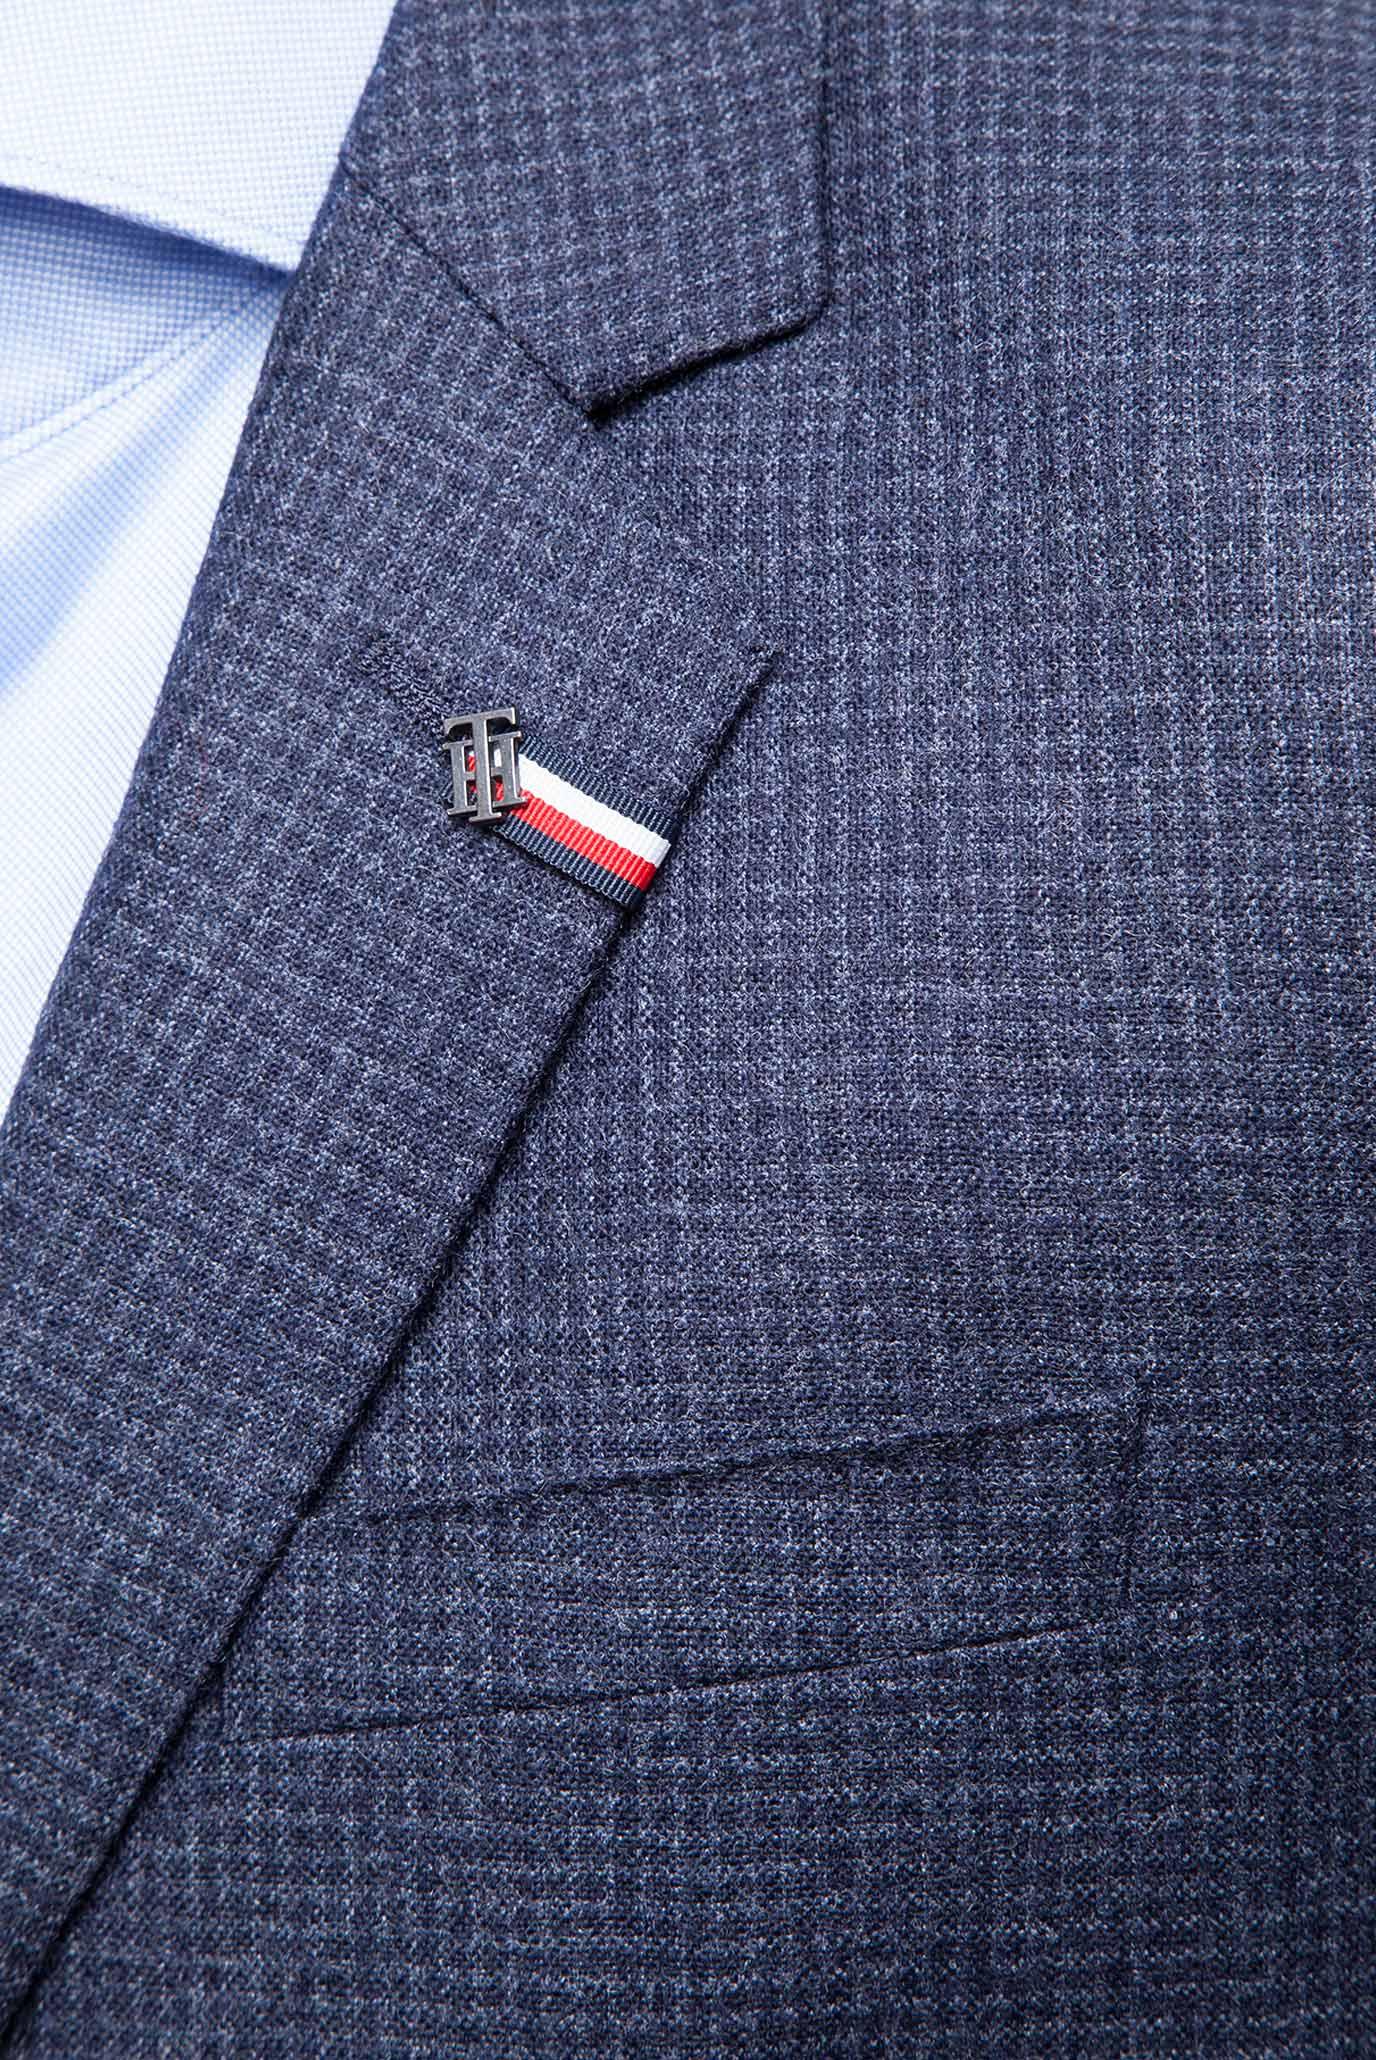 Купить Мужской темно-синий пиджак в клетку Tommy Hilfiger Tommy Hilfiger TT0TT01693 – Киев, Украина. Цены в интернет магазине MD Fashion